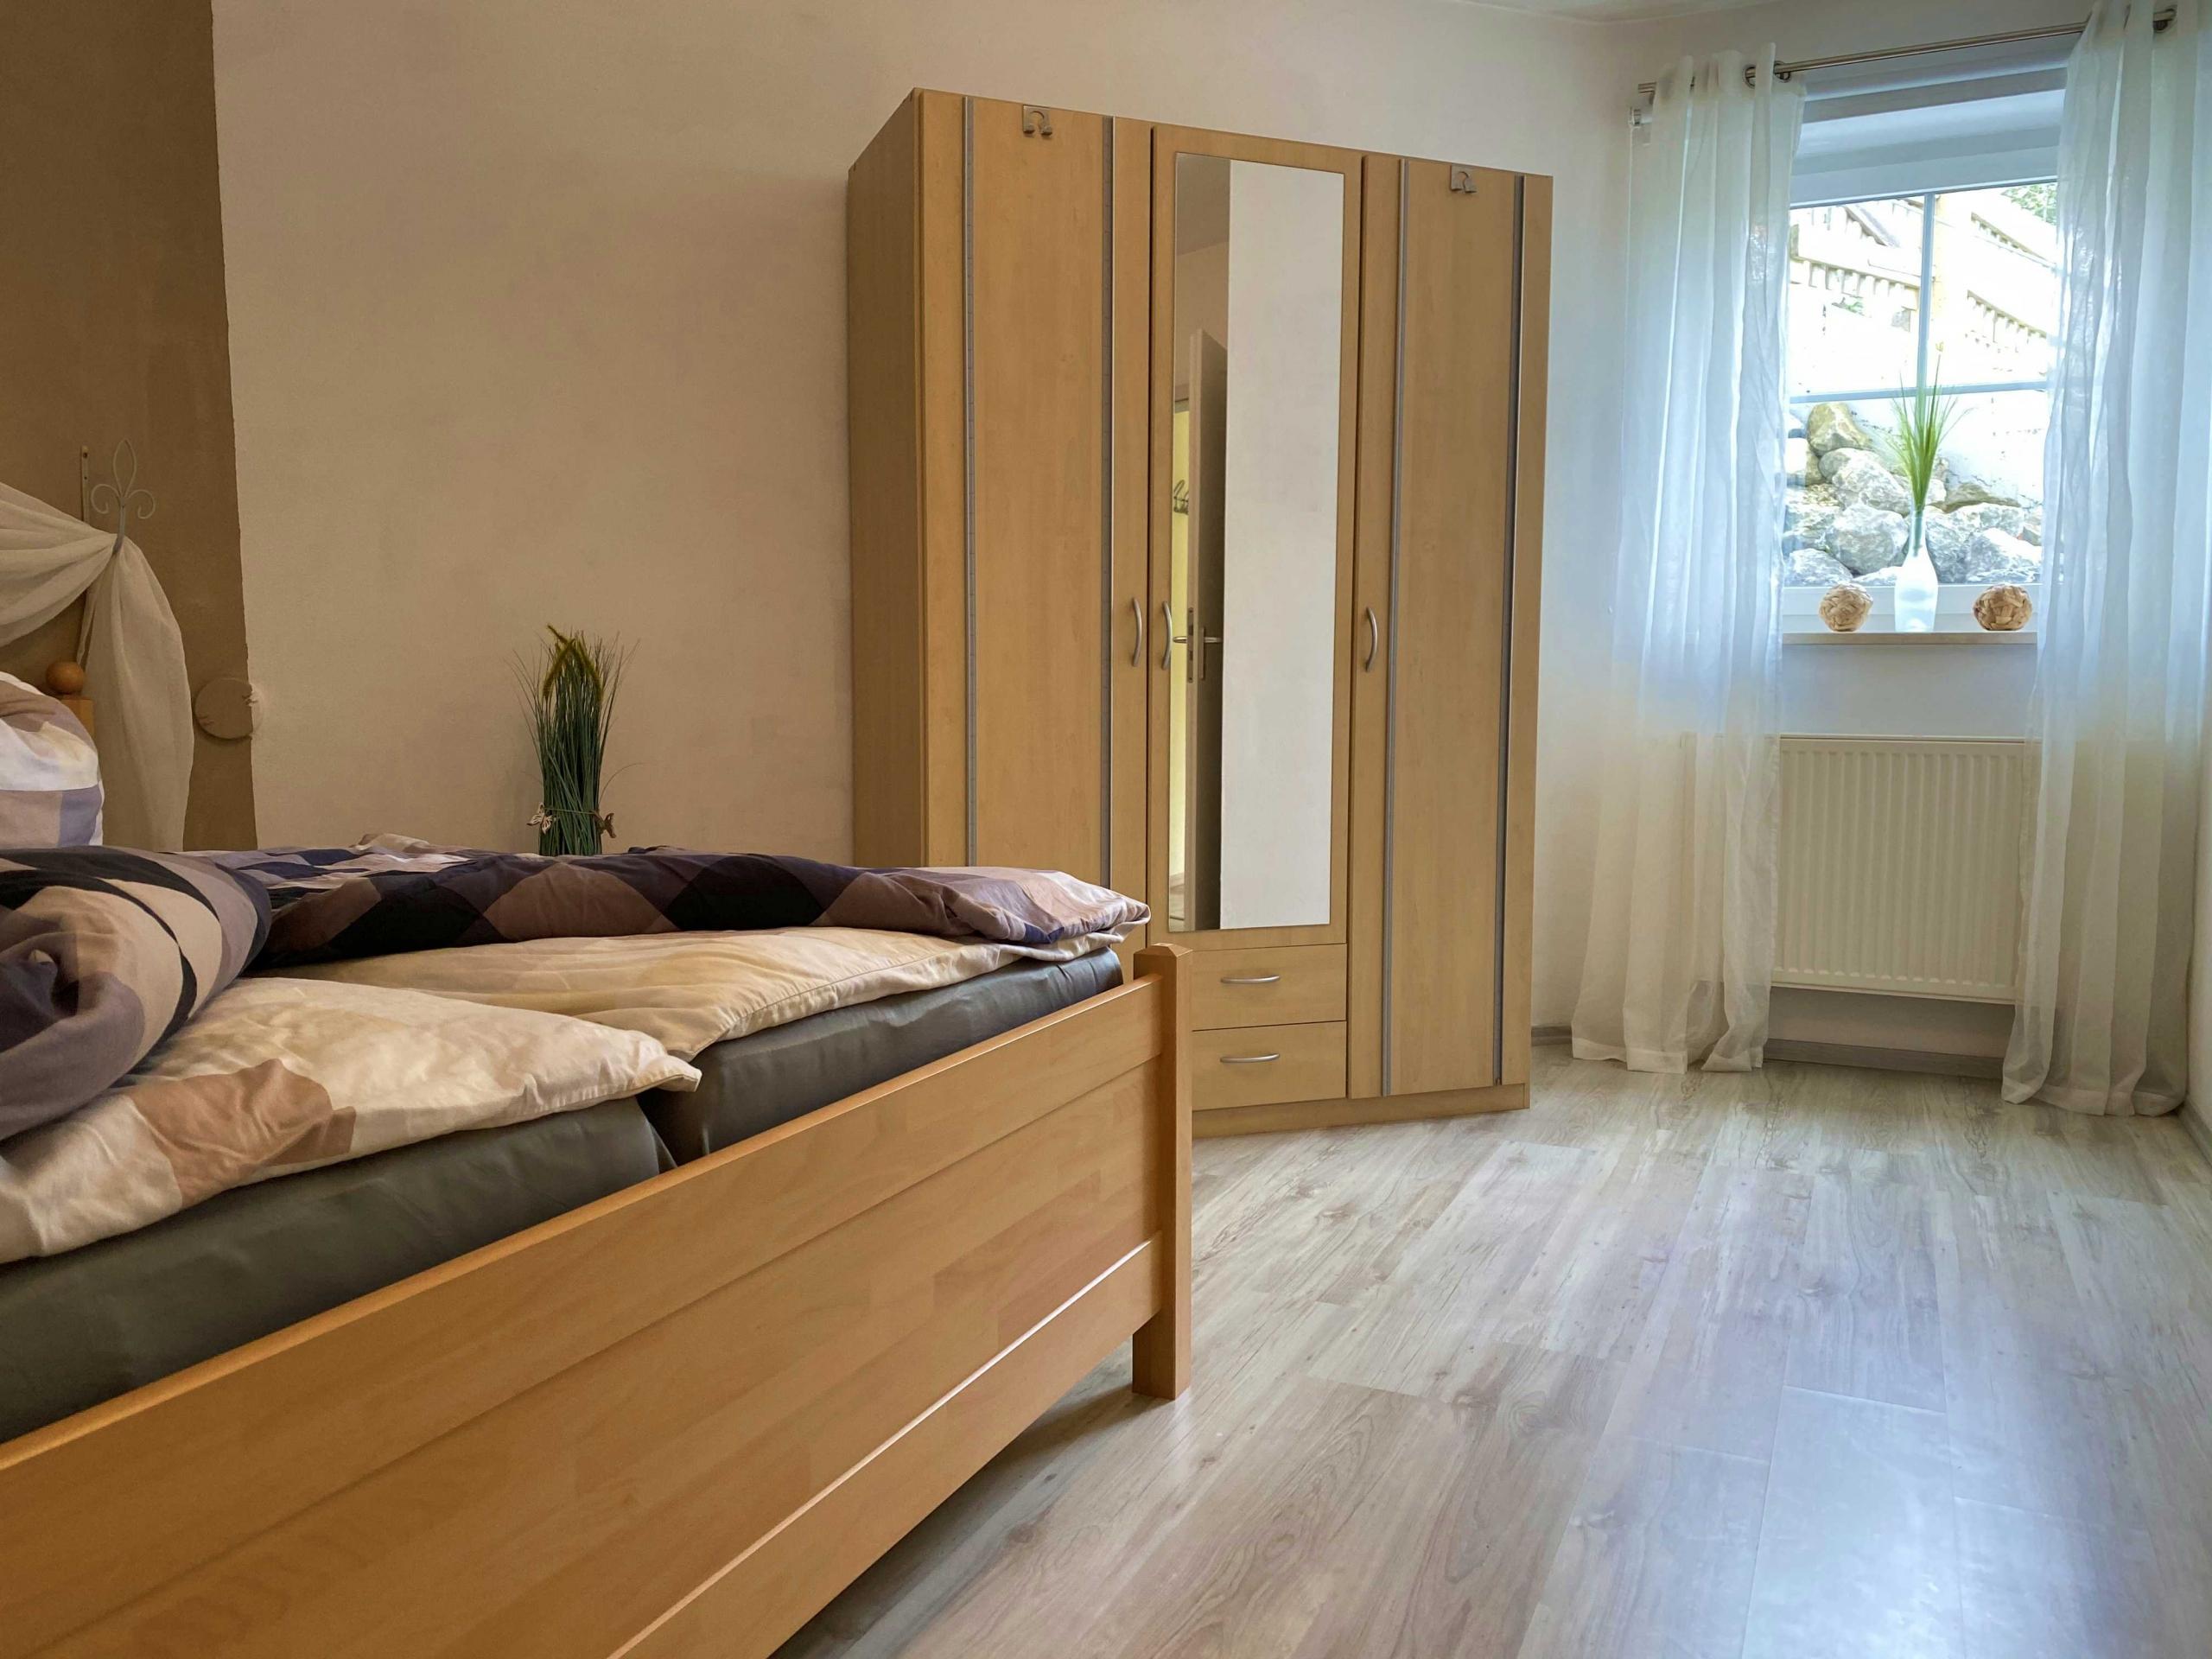 Ferienwohnung Trunkelsberg bei Memmingen Schlafzimmer Doppelbett